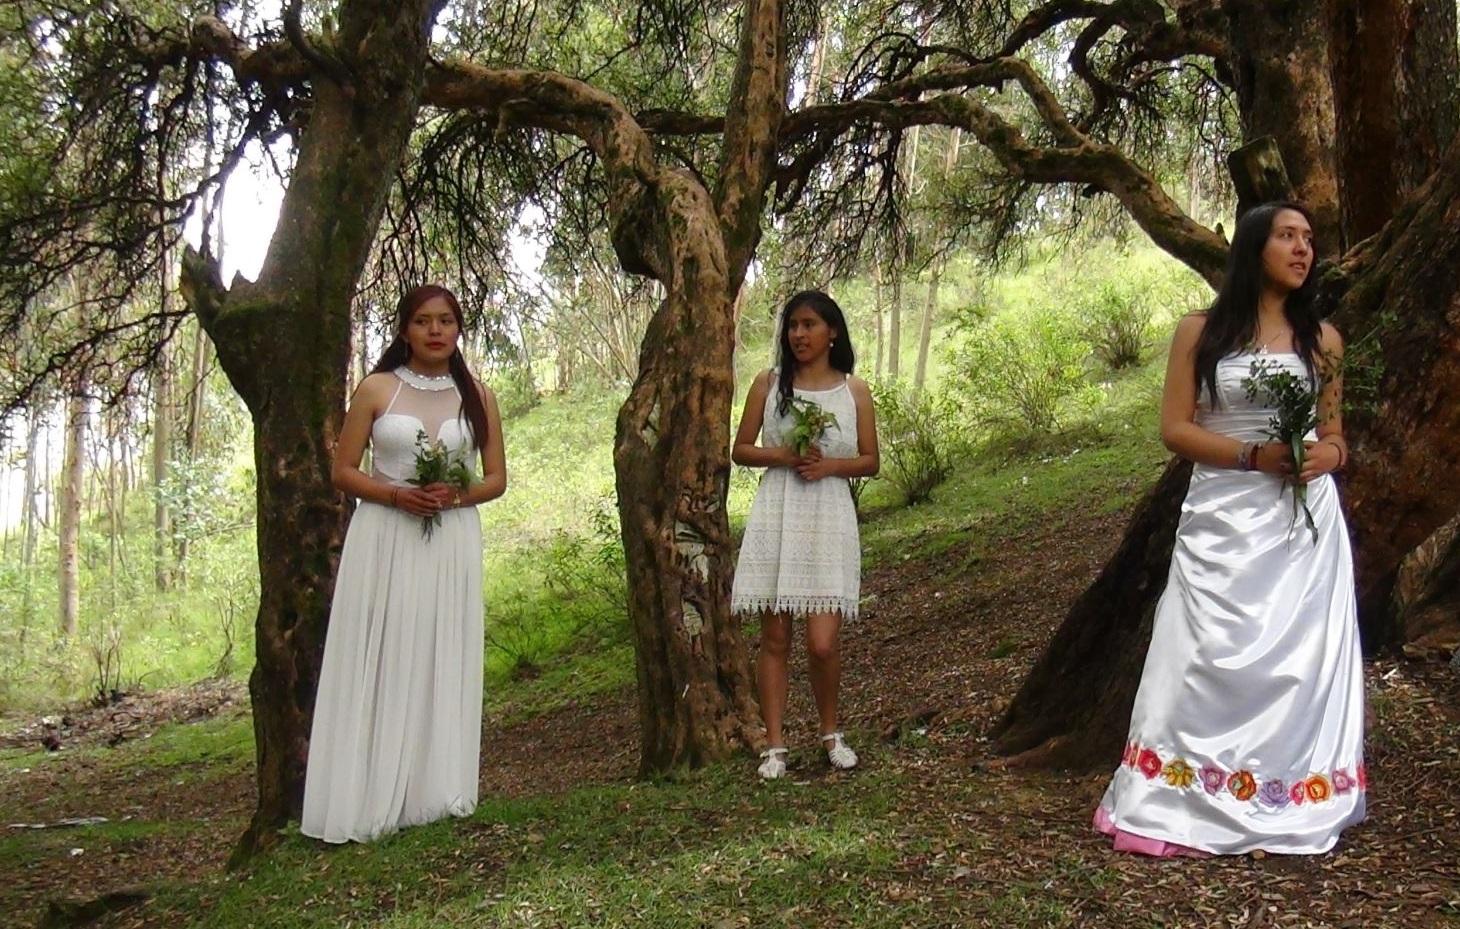 Matrimonio Simbolico En Peru : Mexicanos se casan con árboles en oaxaca y piden respeto hacia